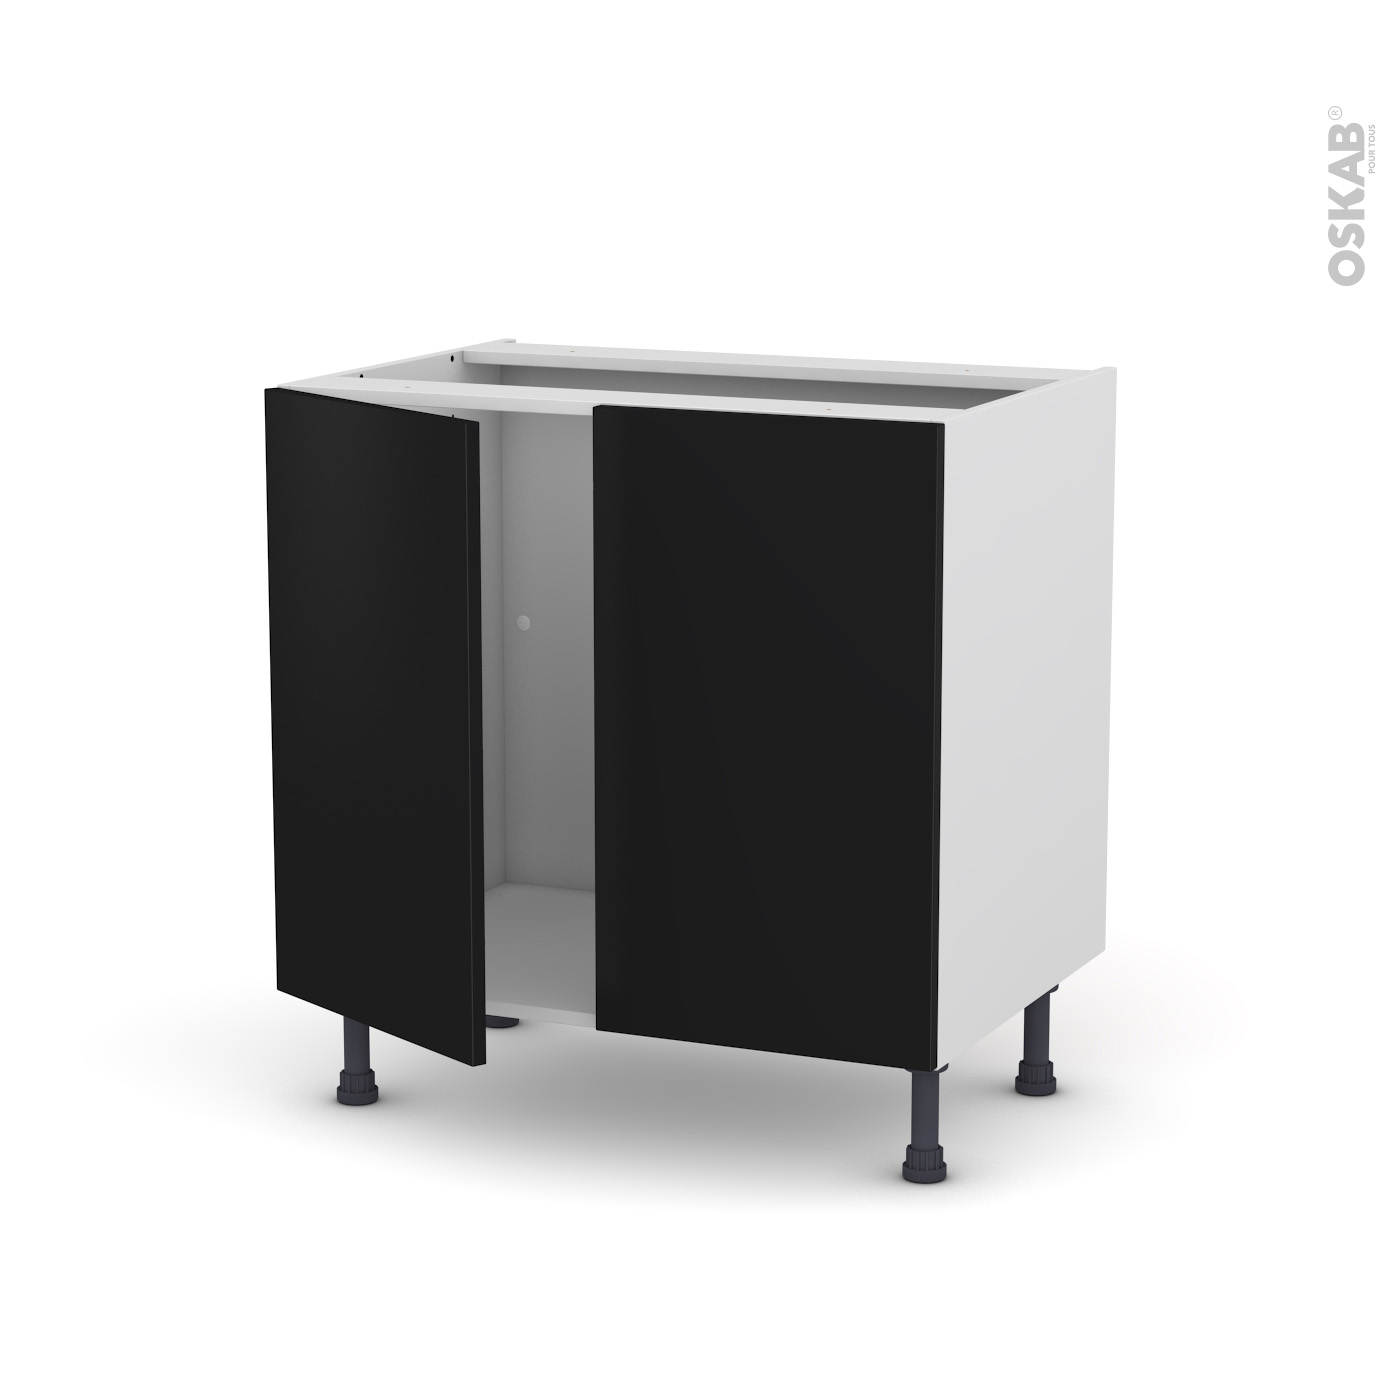 meuble de cuisine noir. Black Bedroom Furniture Sets. Home Design Ideas